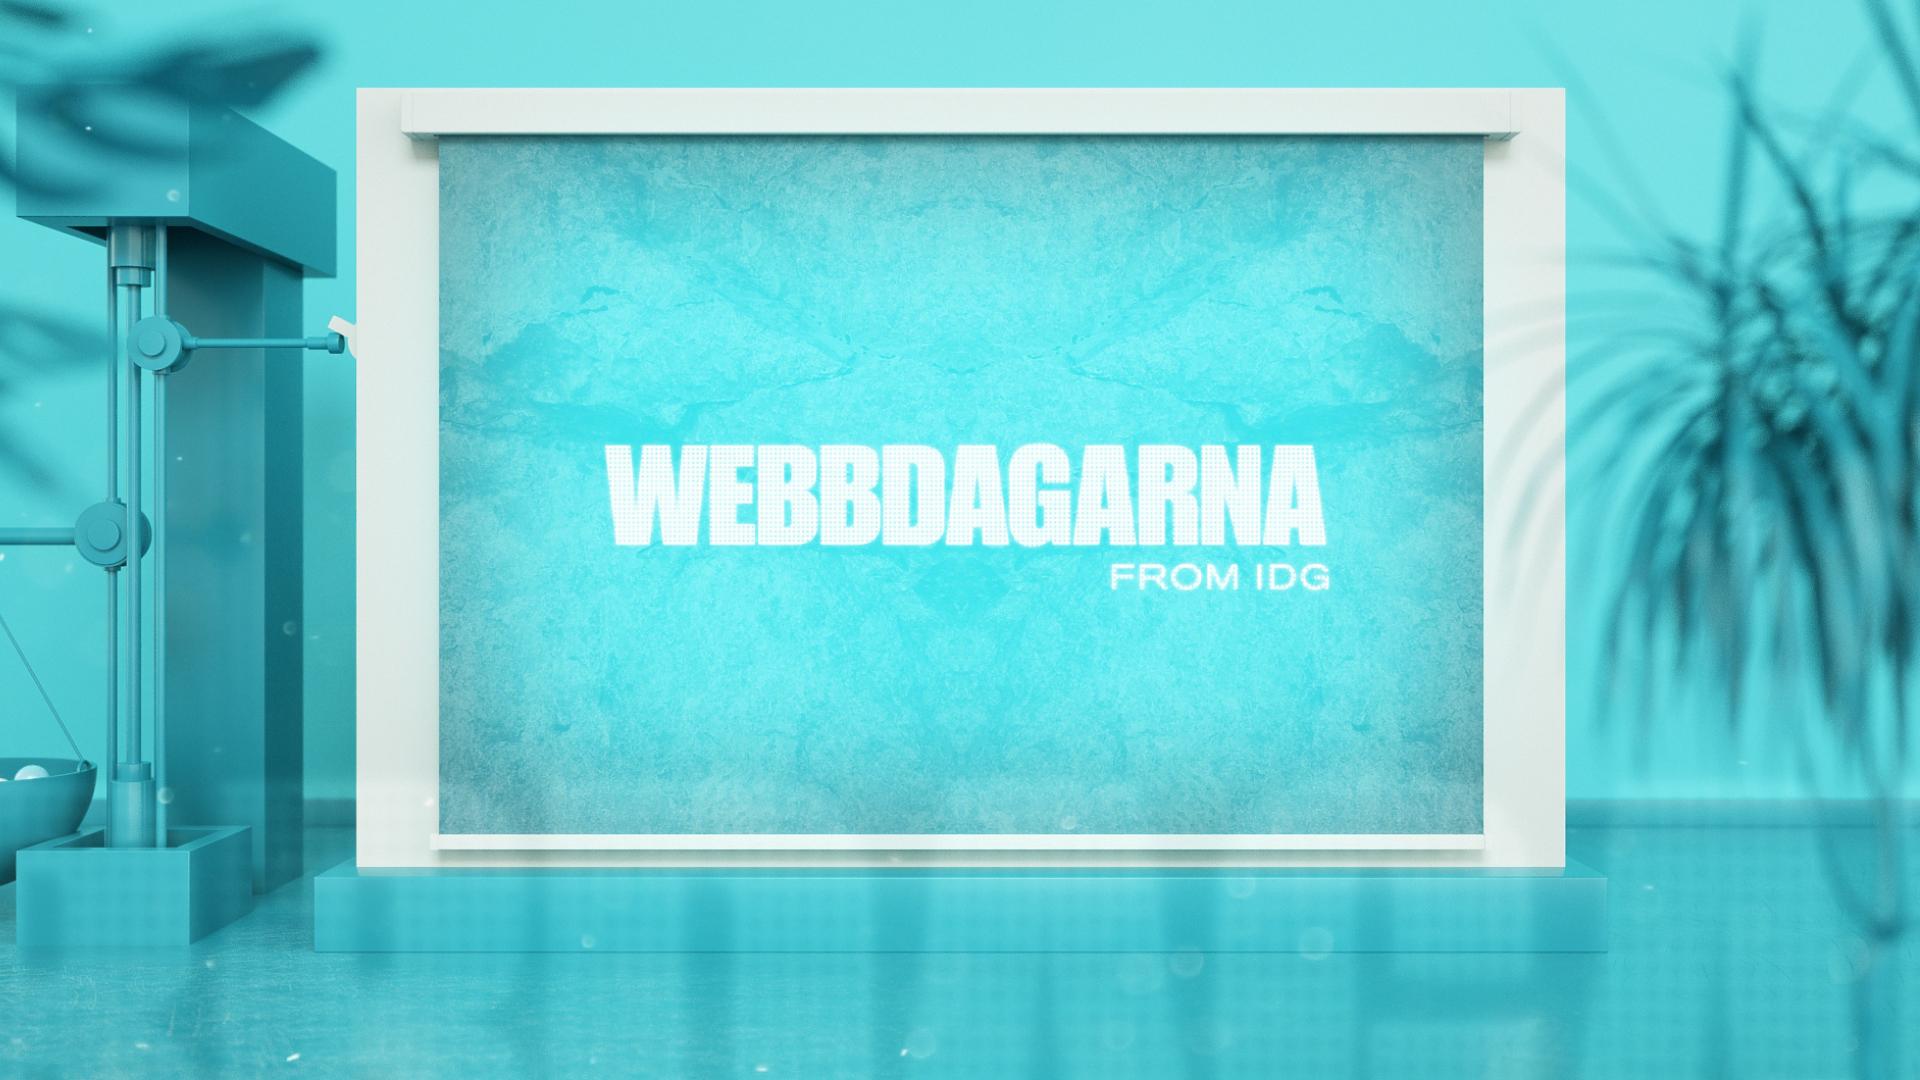 webbdagarna-image-7